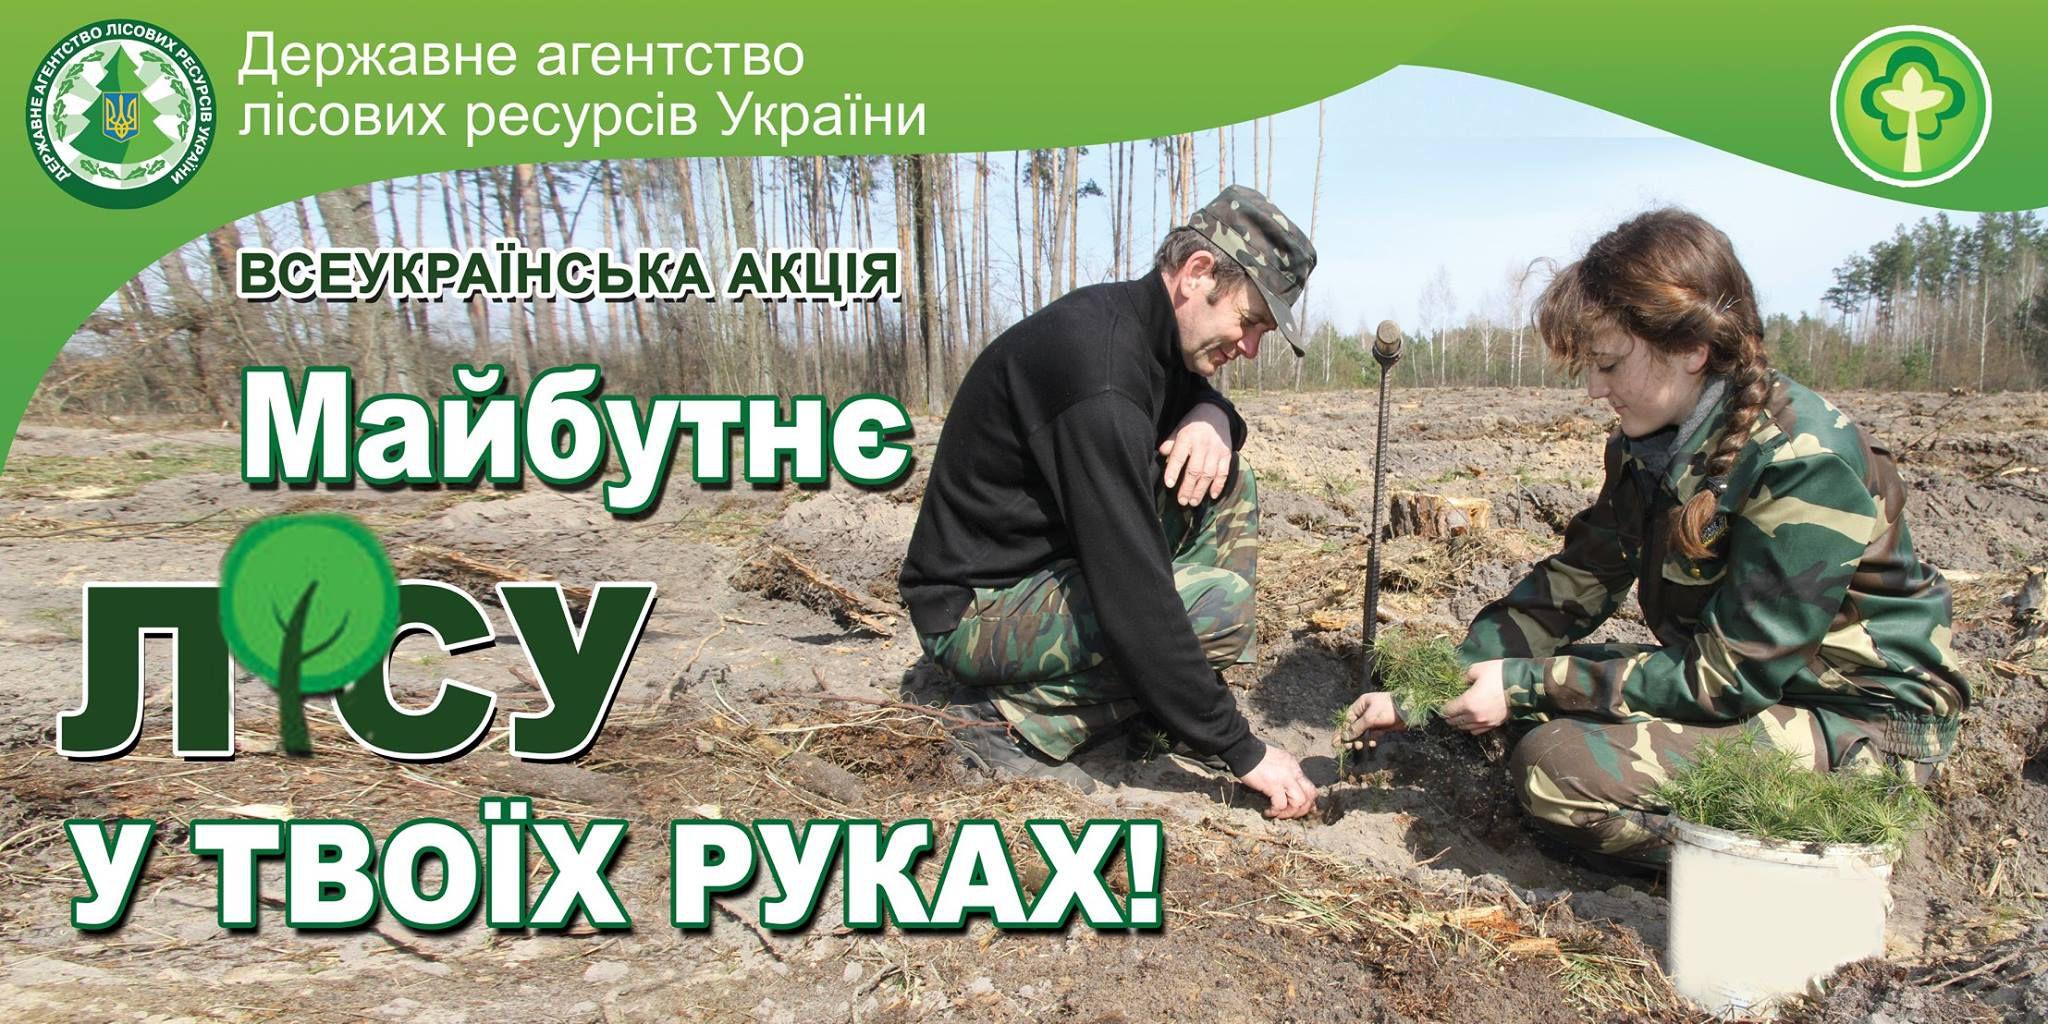 Долучитися до акції «Майбутнє лісу в твоїх руках» може кожен